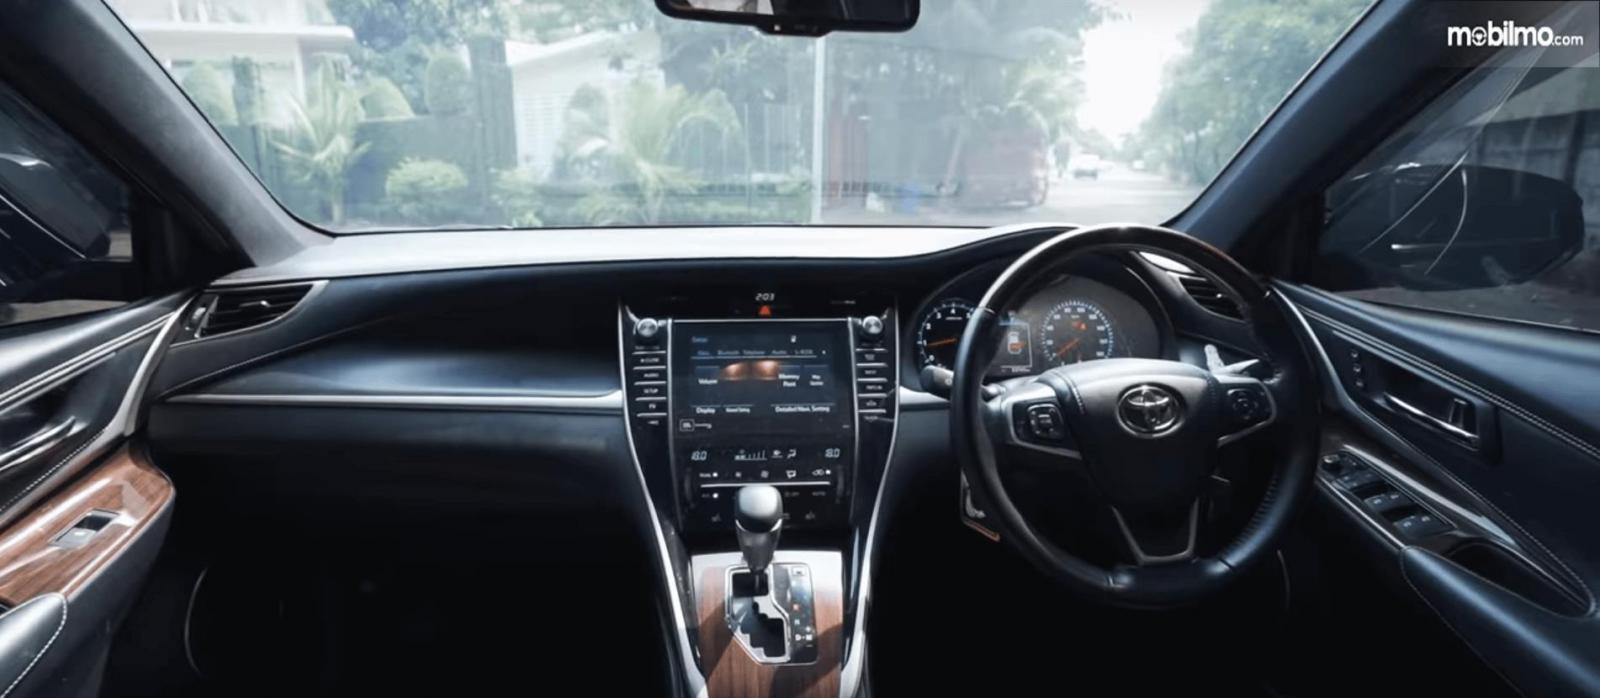 Gambar ini menunjukkan dashboard dan kemudi mobil Toyota Harrier XU60 2015